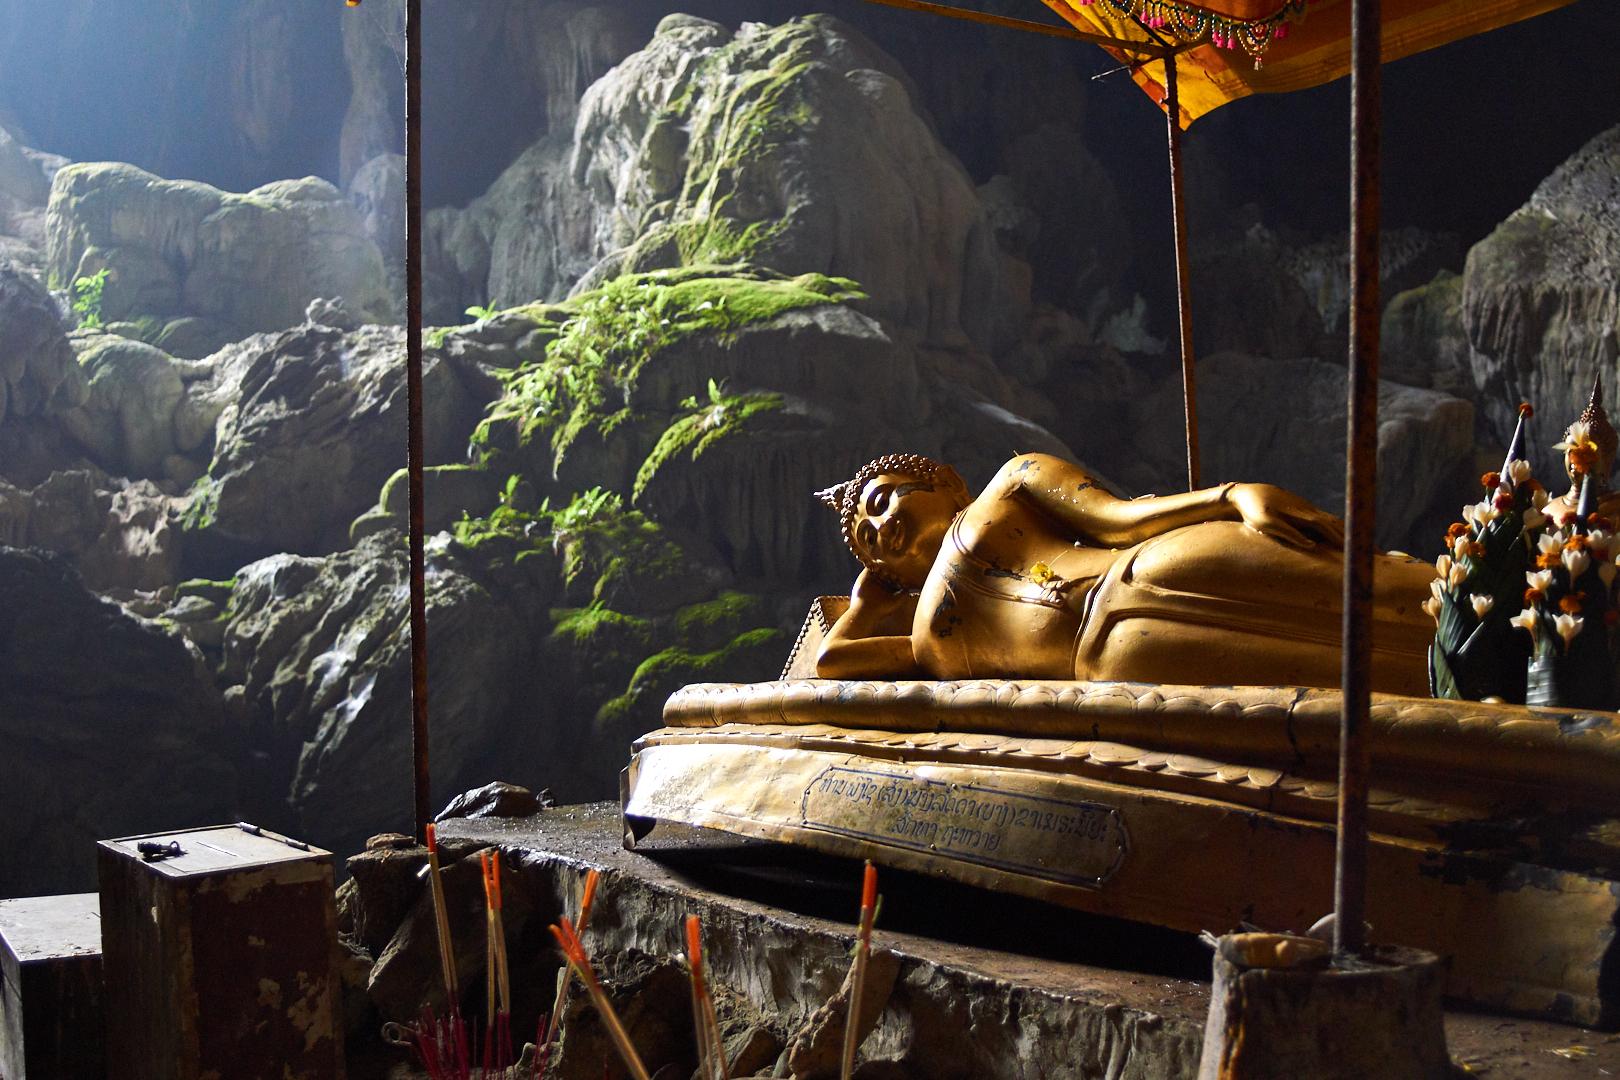 Pvk Photo | Photographe Professionnel | Statue dorée de Bouddha allongé dans la grotte de Tham Poukham à Vang Vieng au Laos